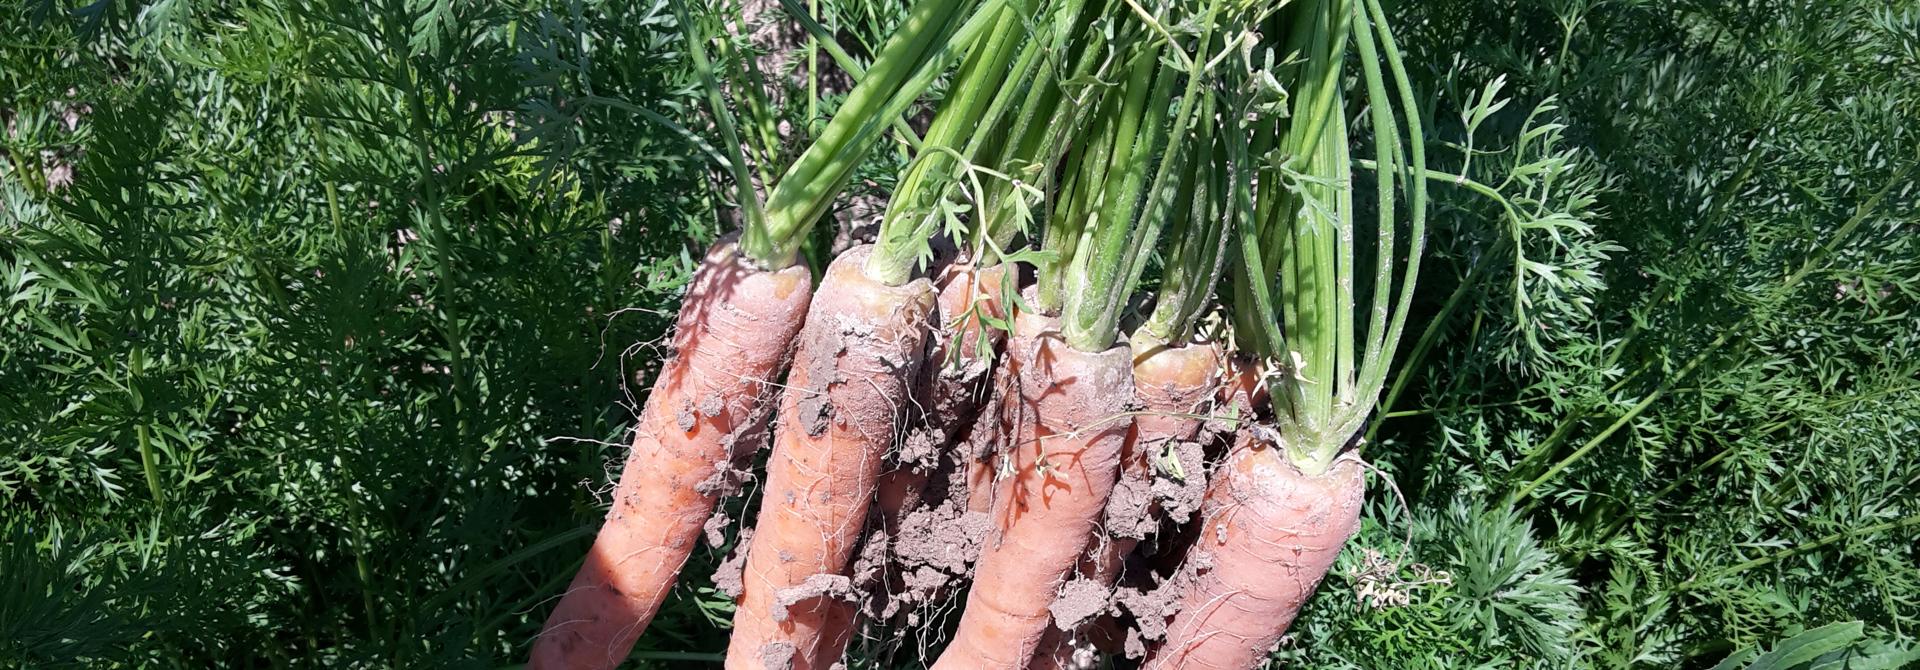 Wie die Karotten aus dem Boden zu kriegen sind, war heuer die Frage. Ein Bild aus u00abtrockenerenu00bb Sommertagen.>